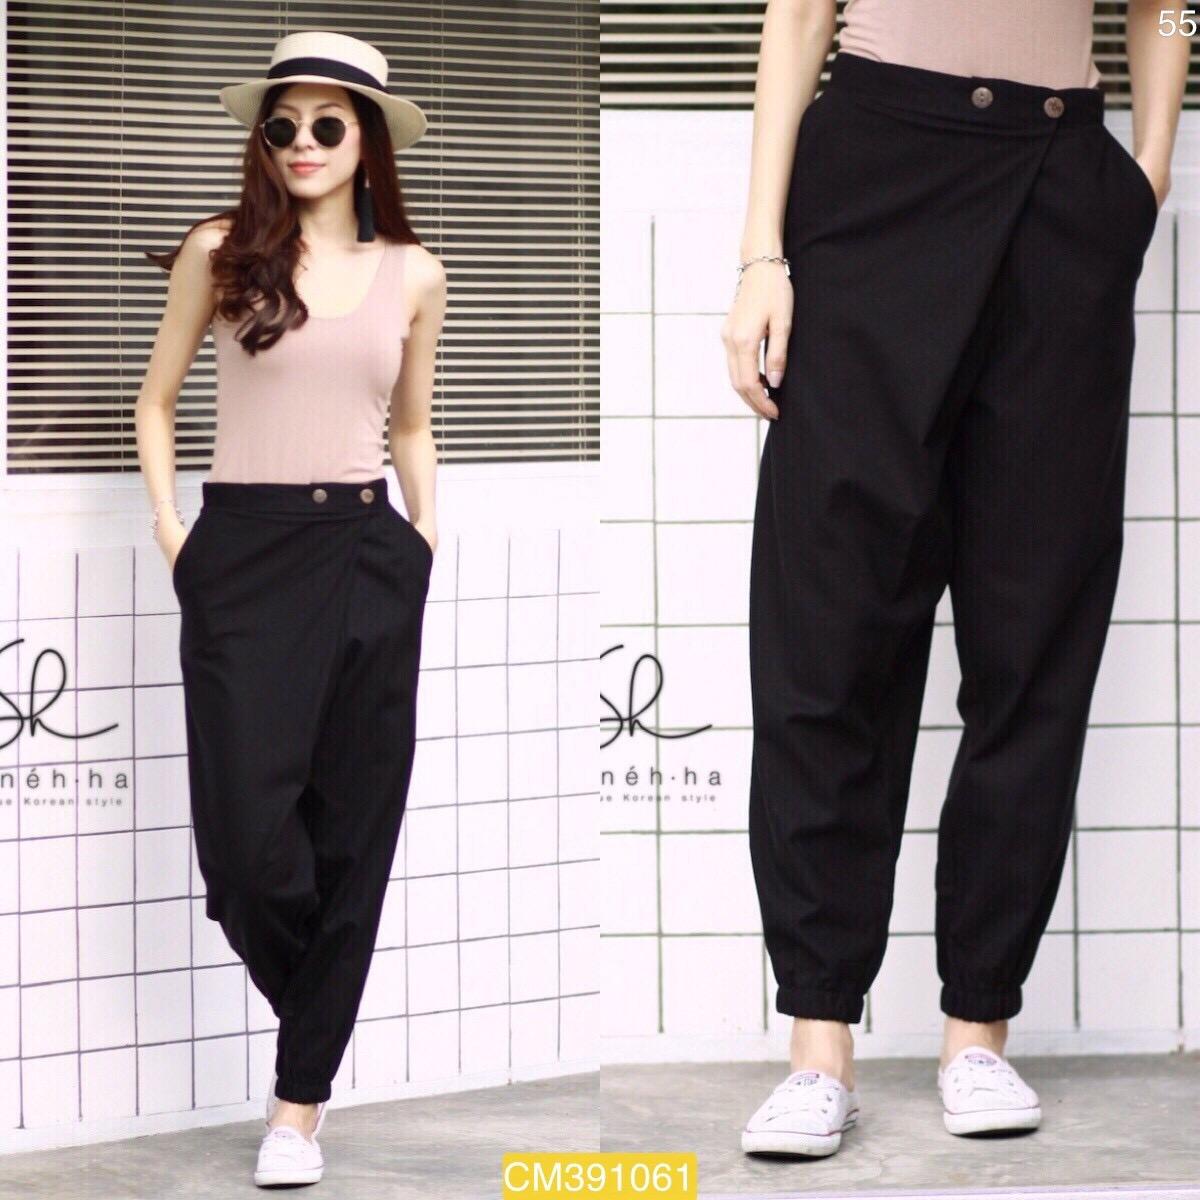 """CM1061 *สีดำ* เอว30-35"""" กางเกงผ้าฝ้ายรุ่นขายดี แนววินเทจ"""